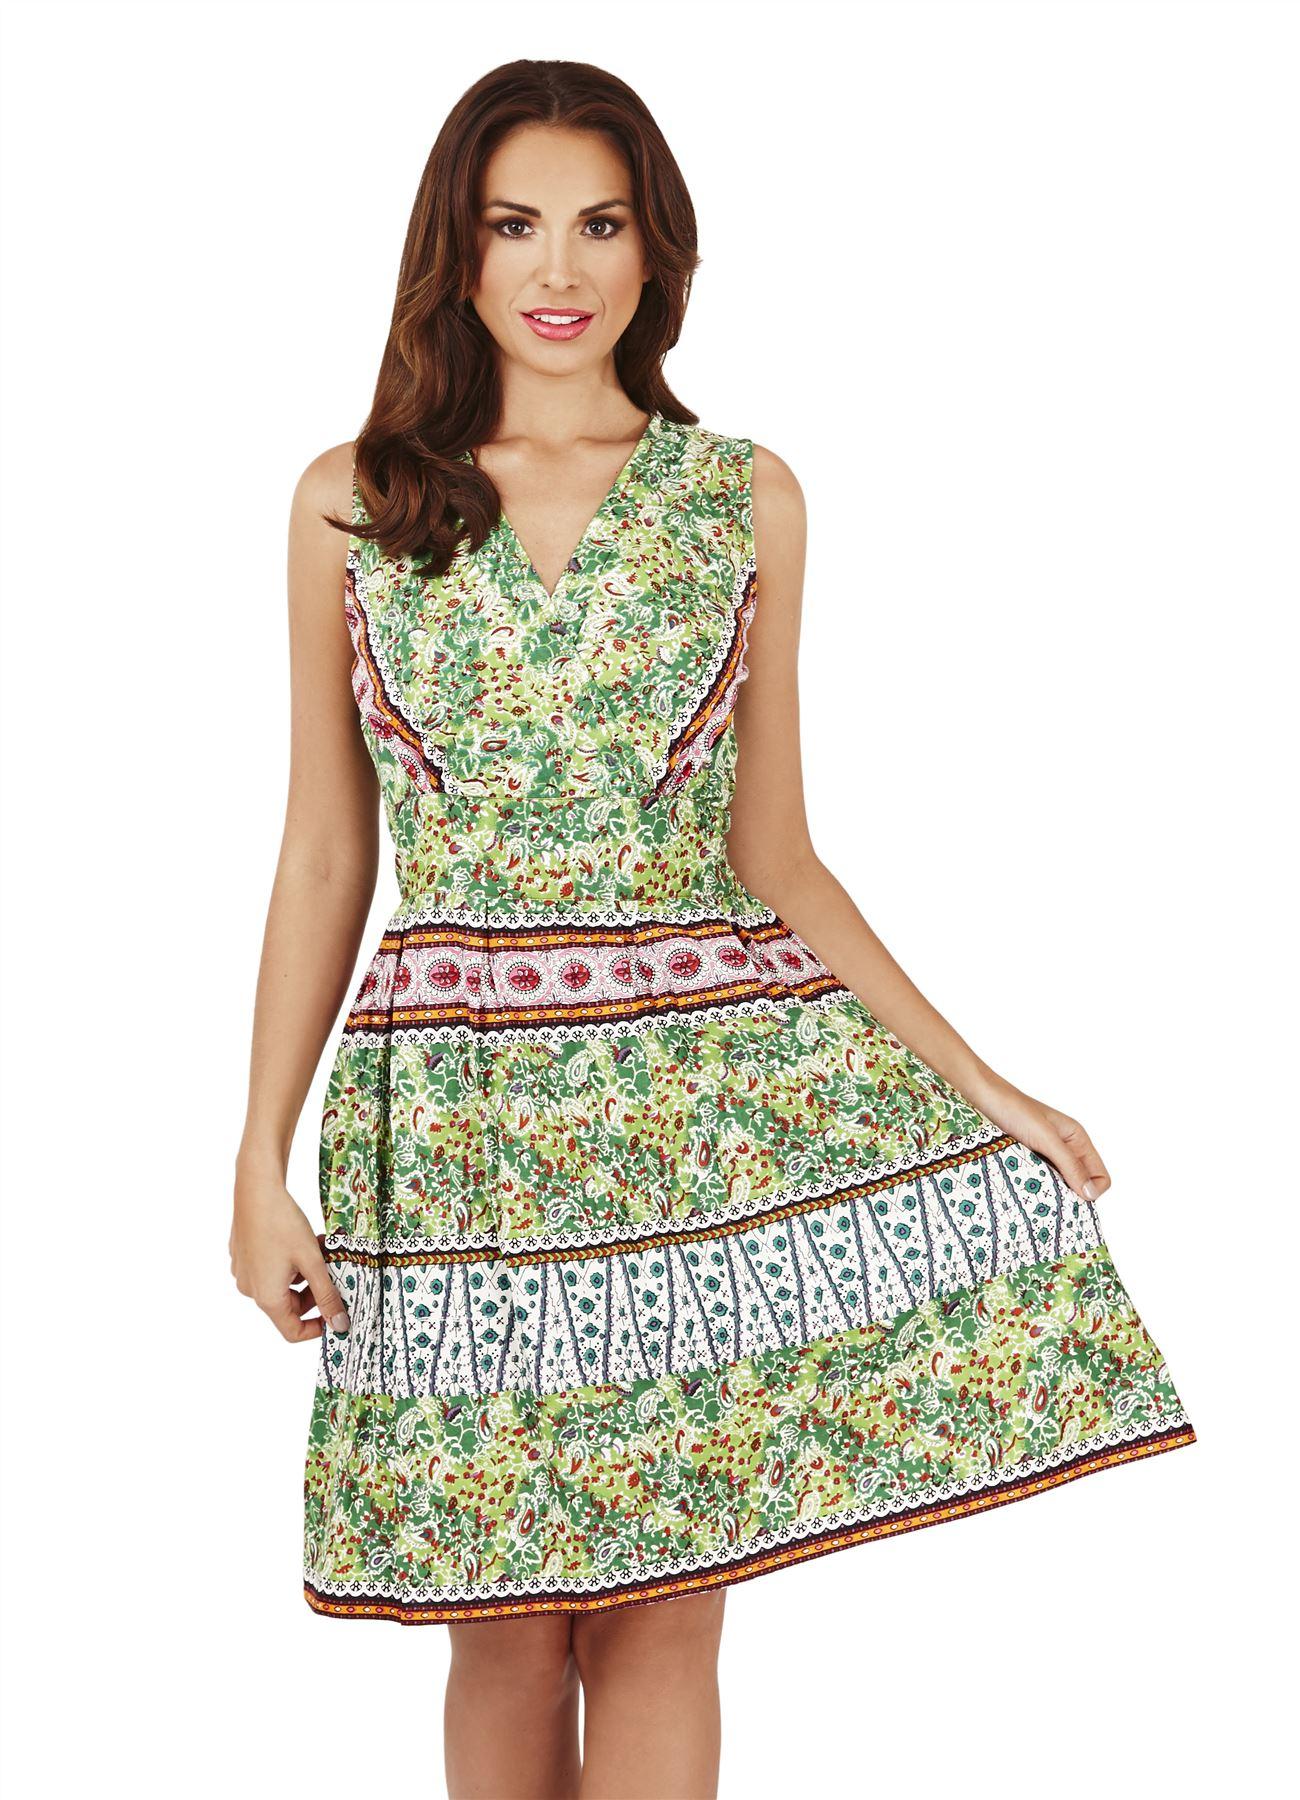 New 2017 Ladies Summer Holiday Cotton SunDress Evening ...